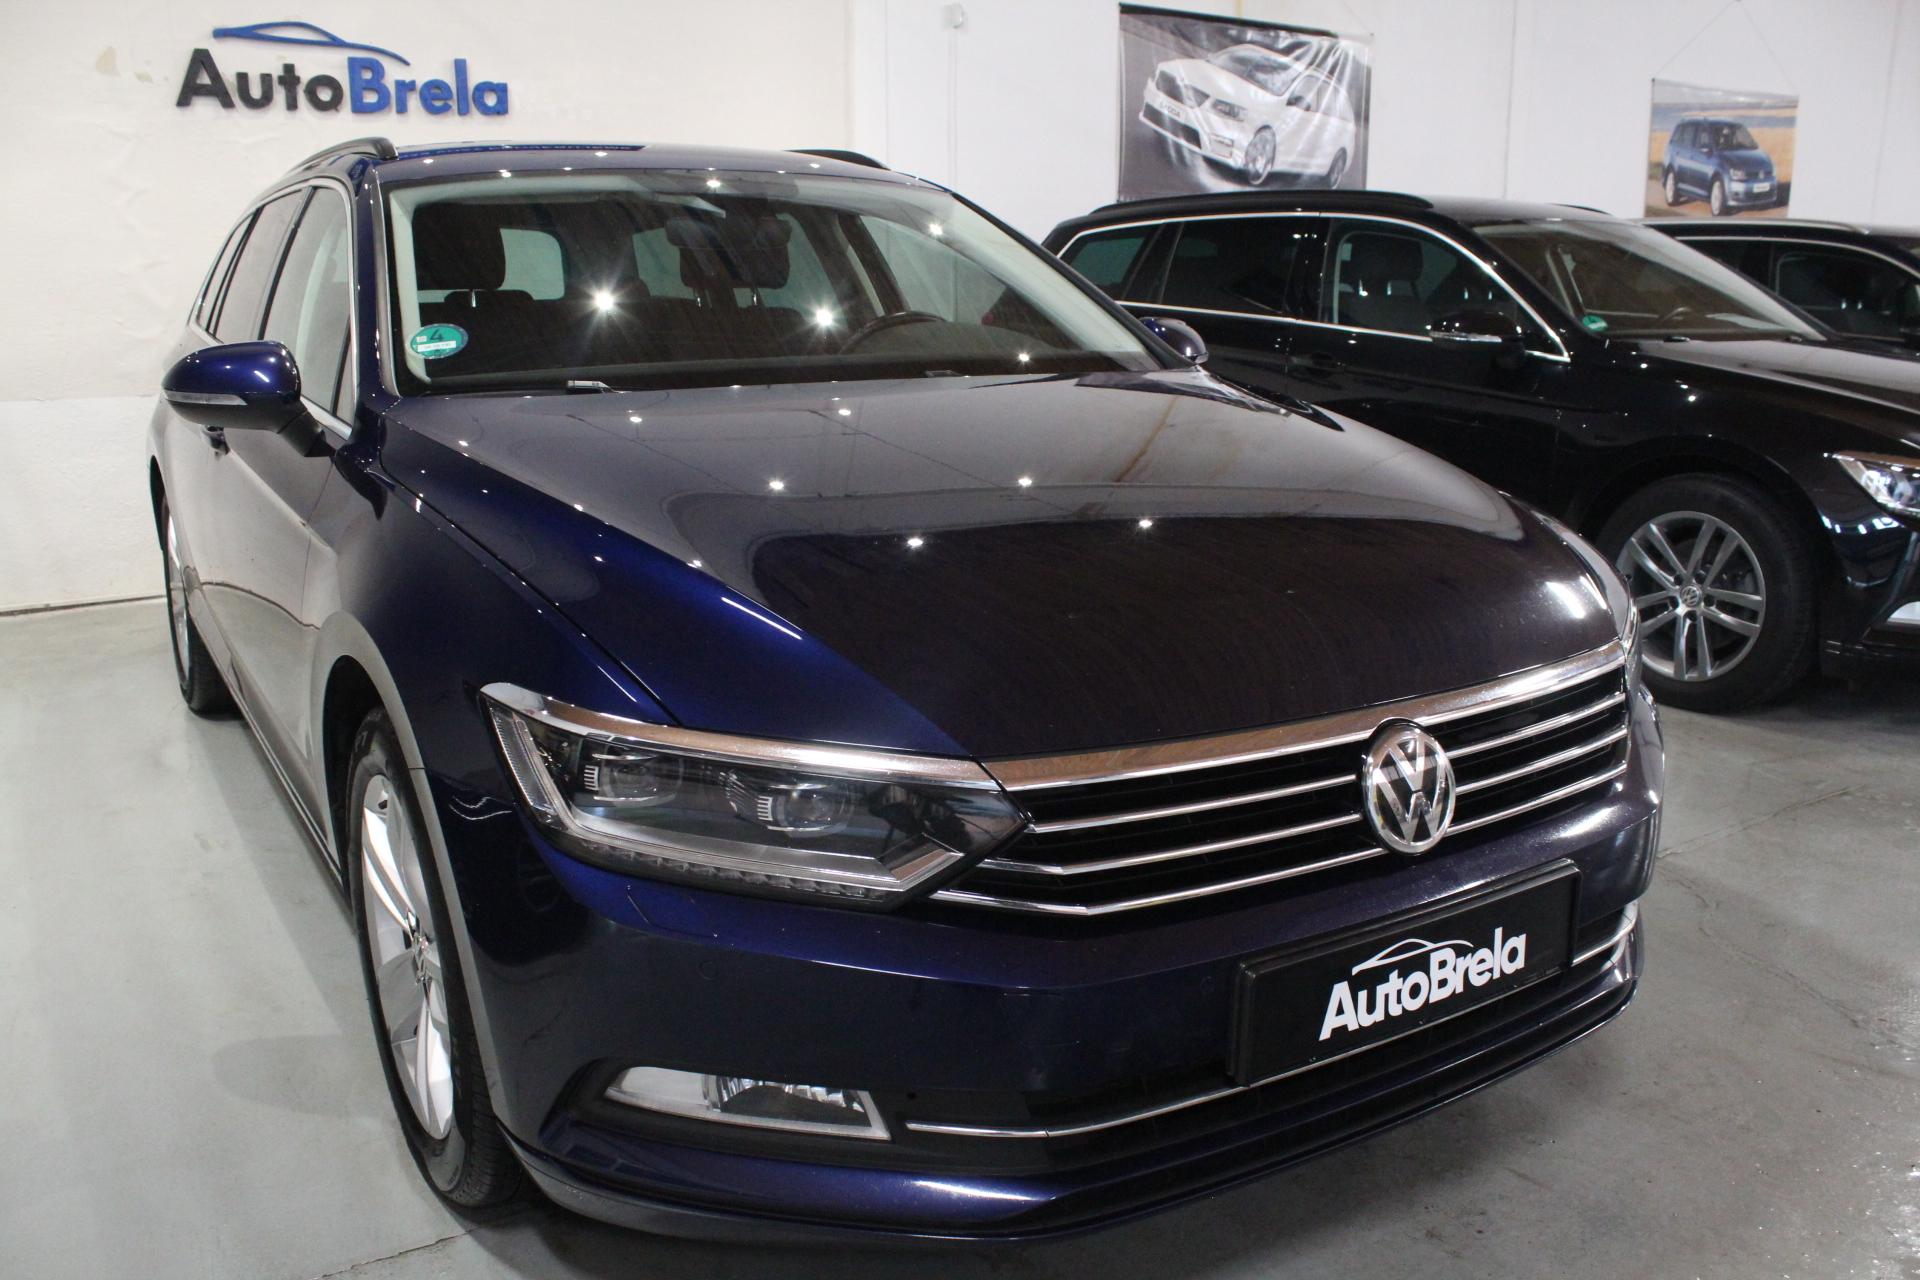 VW Passat B8 2.0 TDI DSG FULL LED Nezávislé topení - AutoBrela obrázek